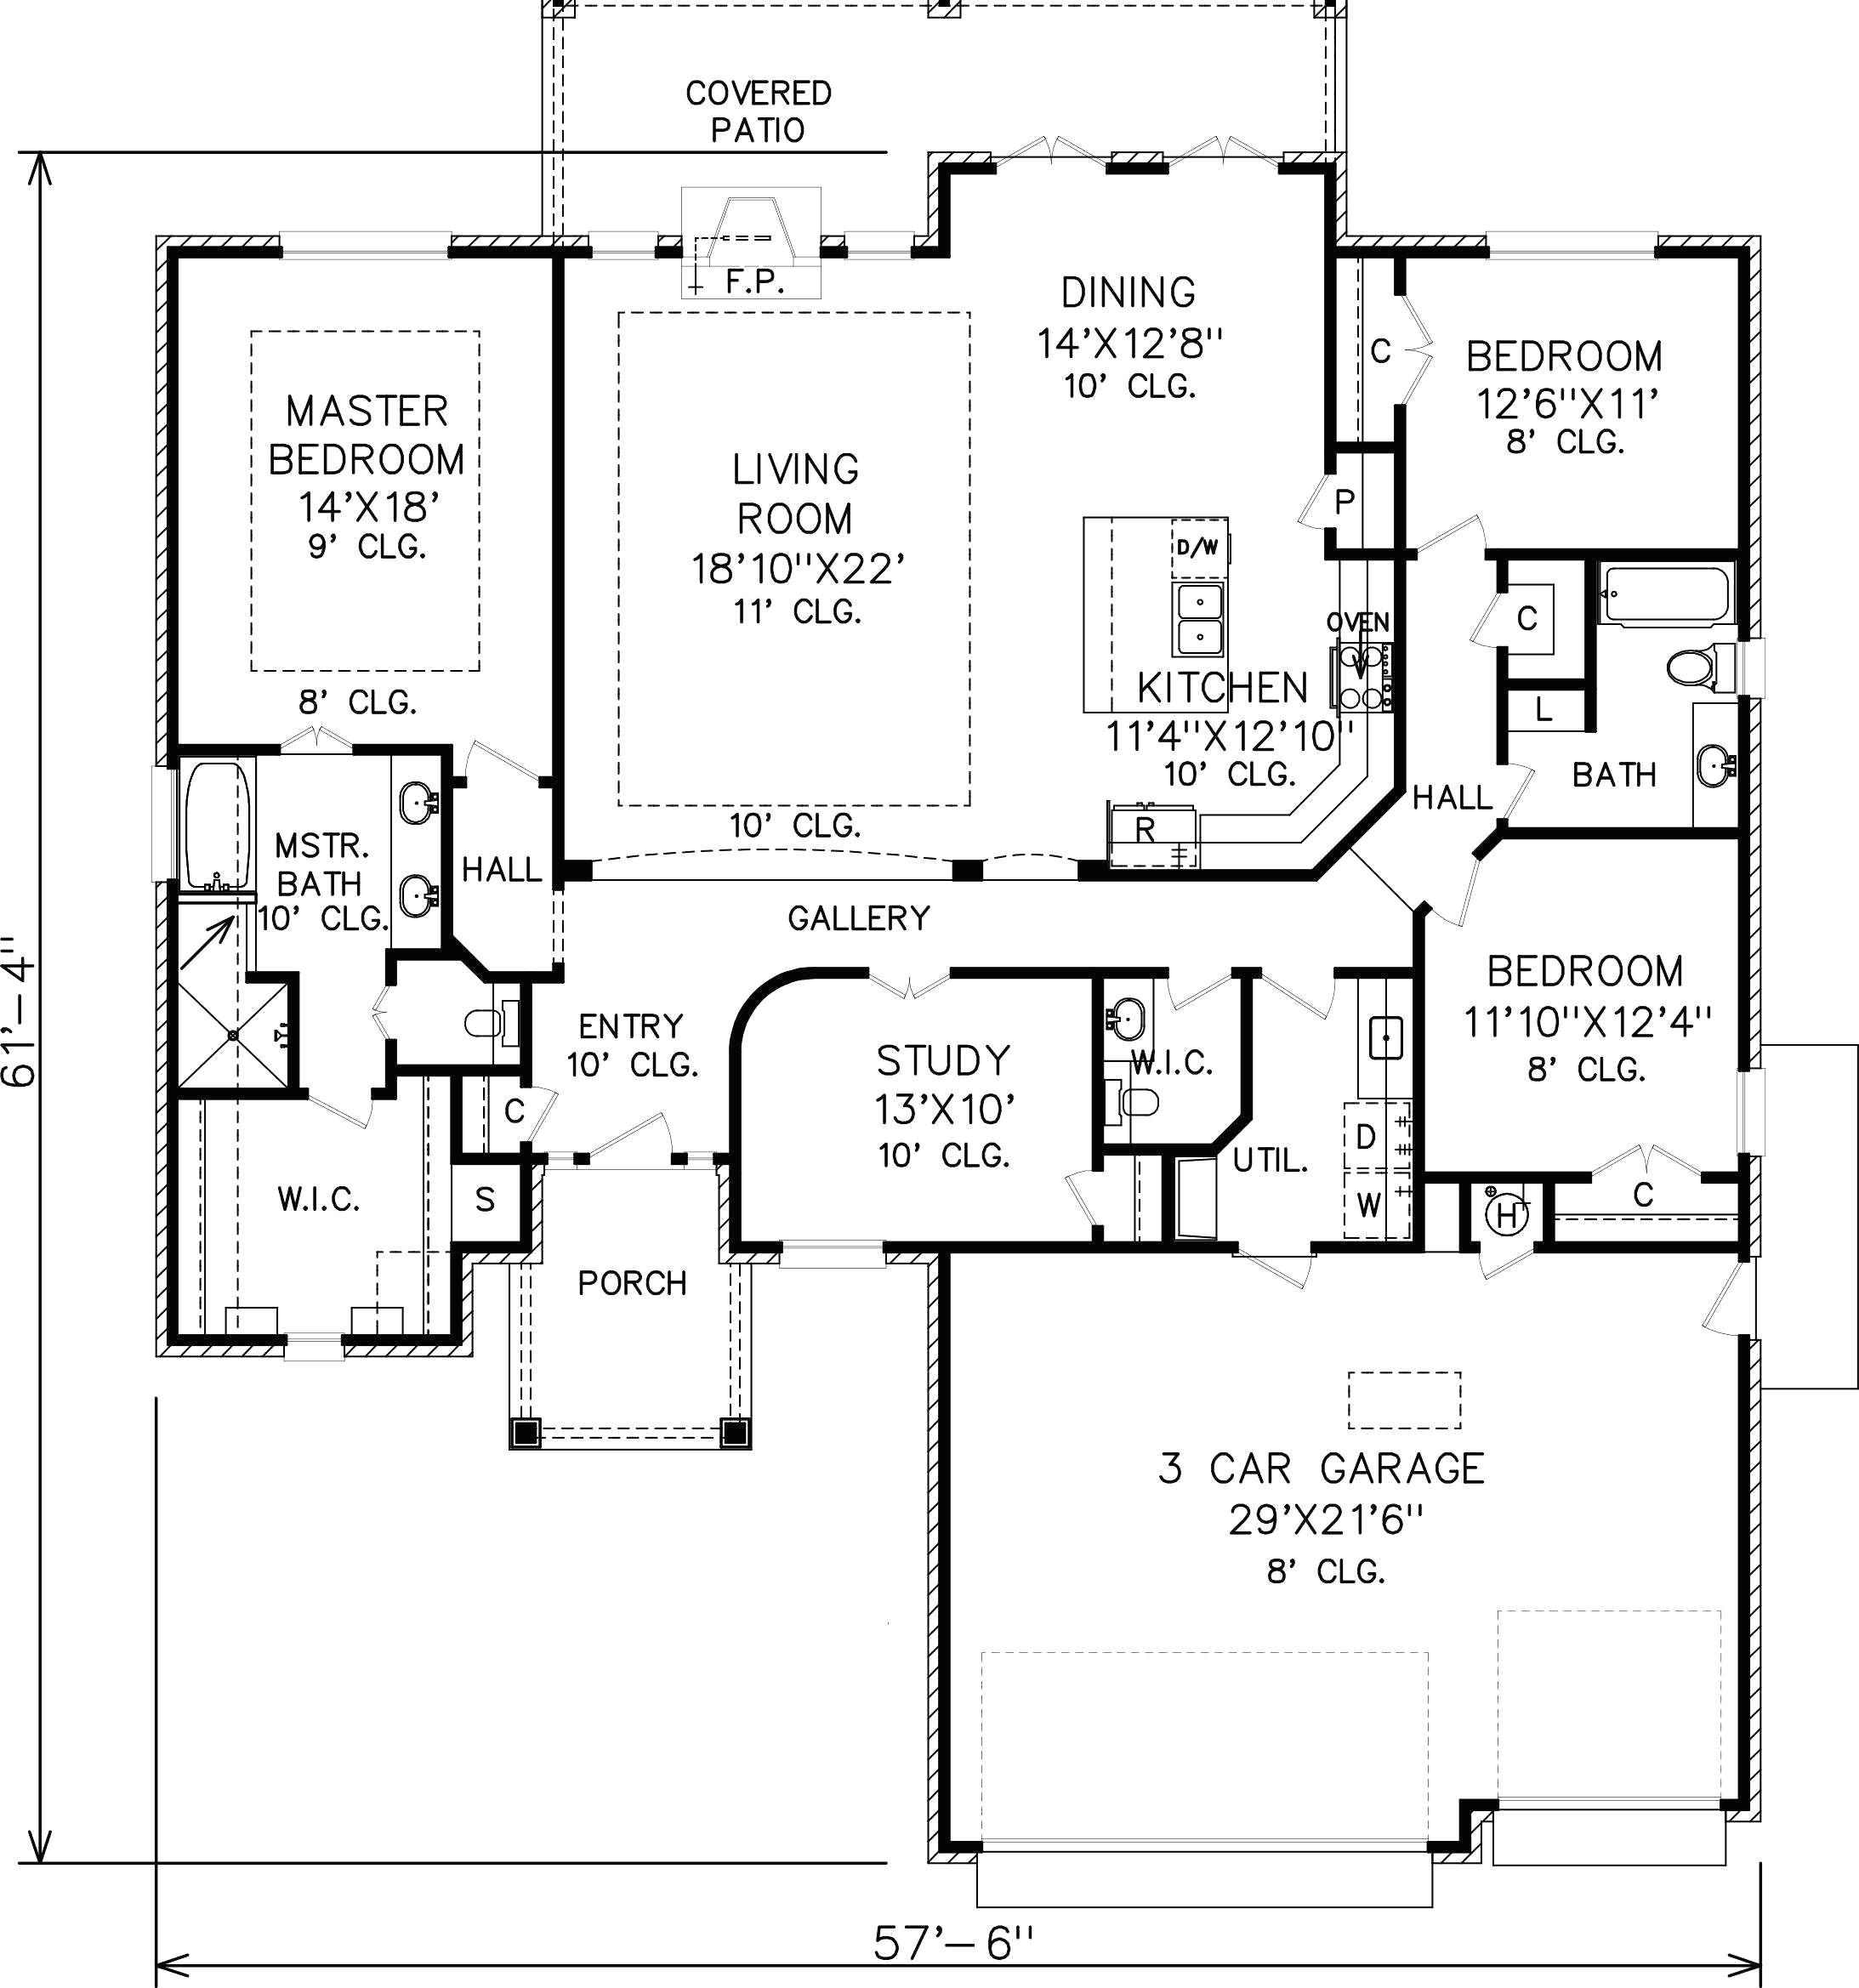 kitchen floor plans awesome kitchen floor plans floor plan examples awesome design plan 0d house